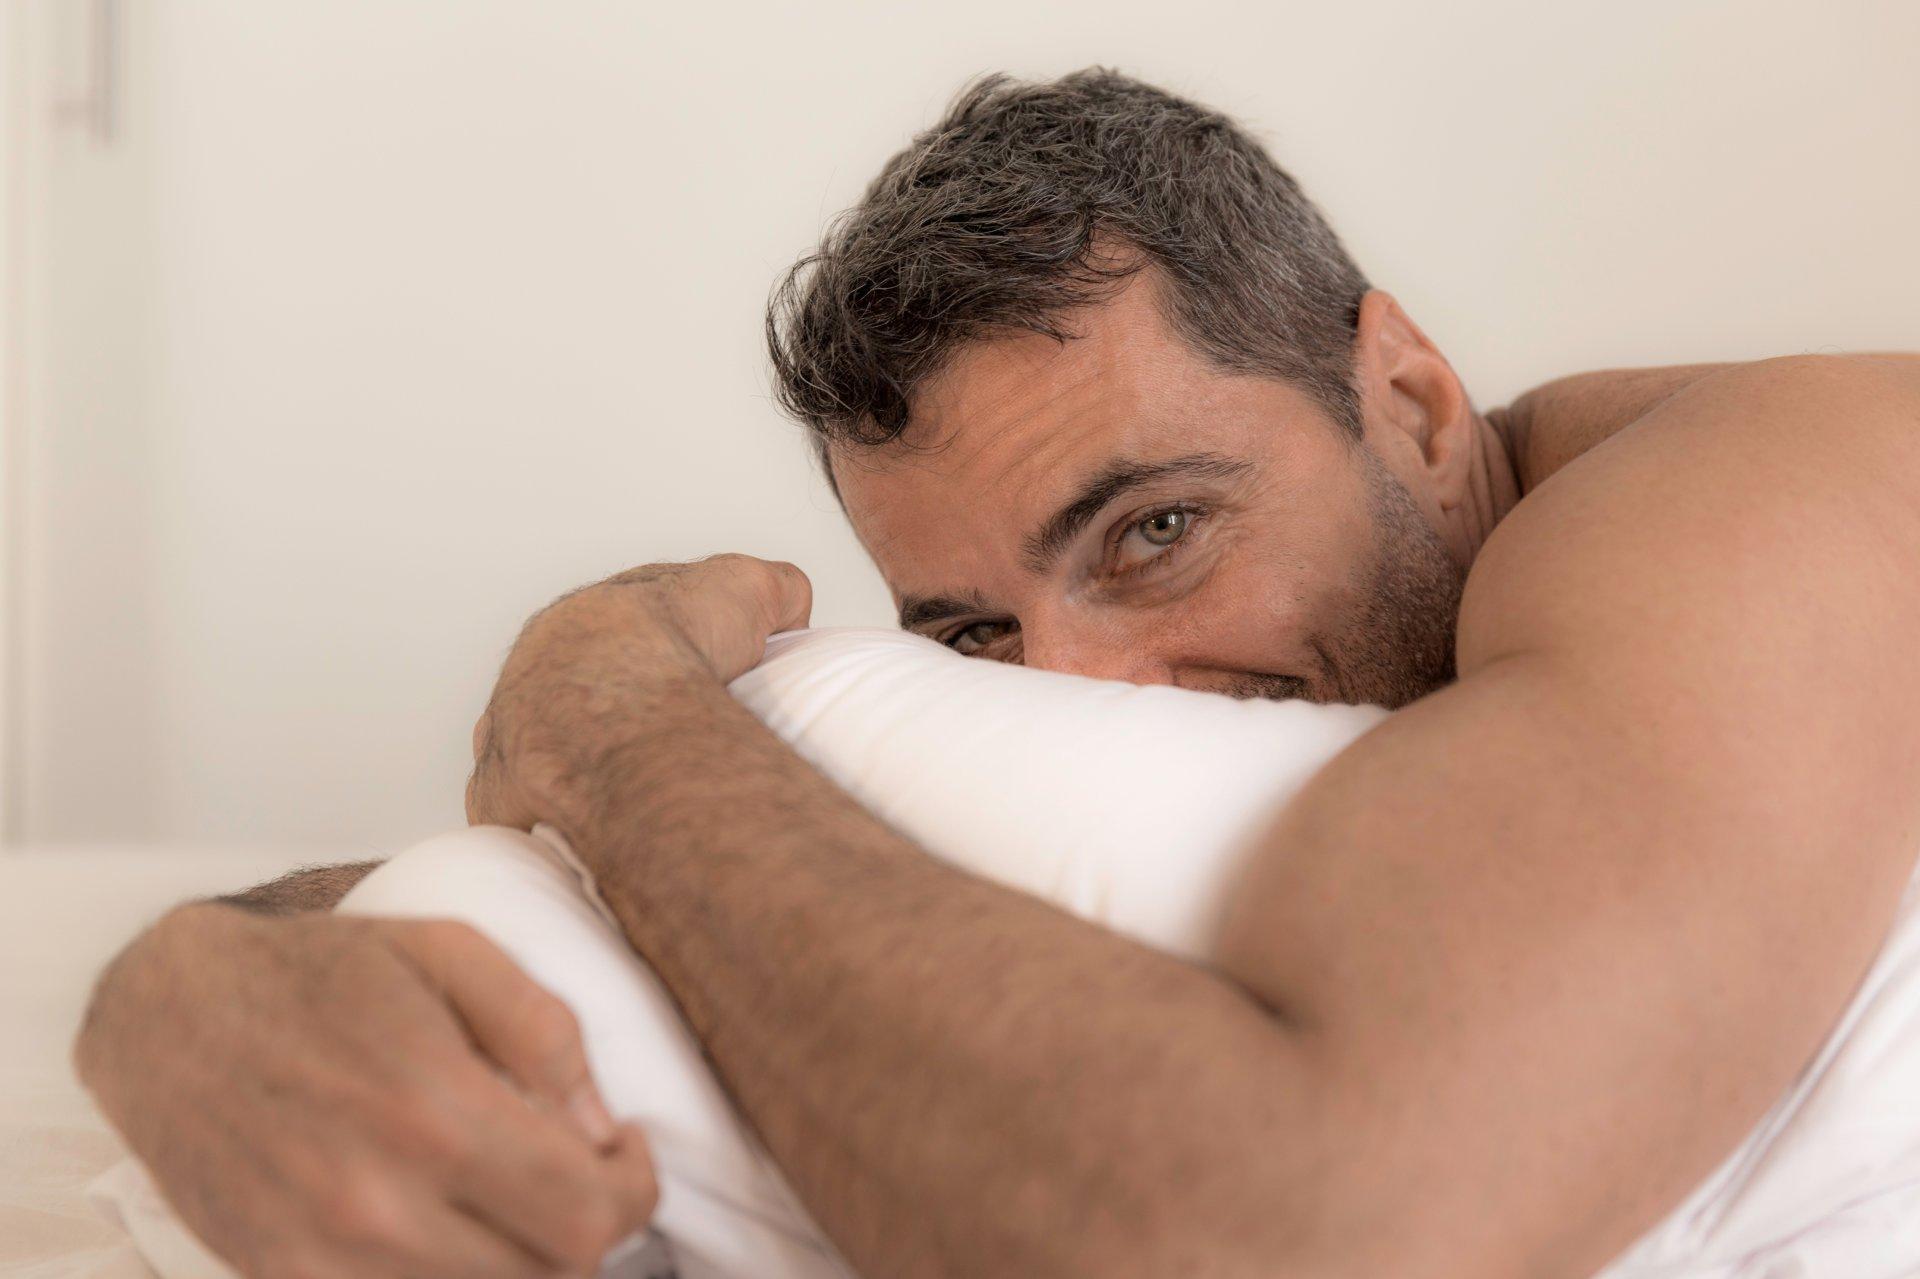 namuose padidinti nario per menesi ar gali būti erekcija